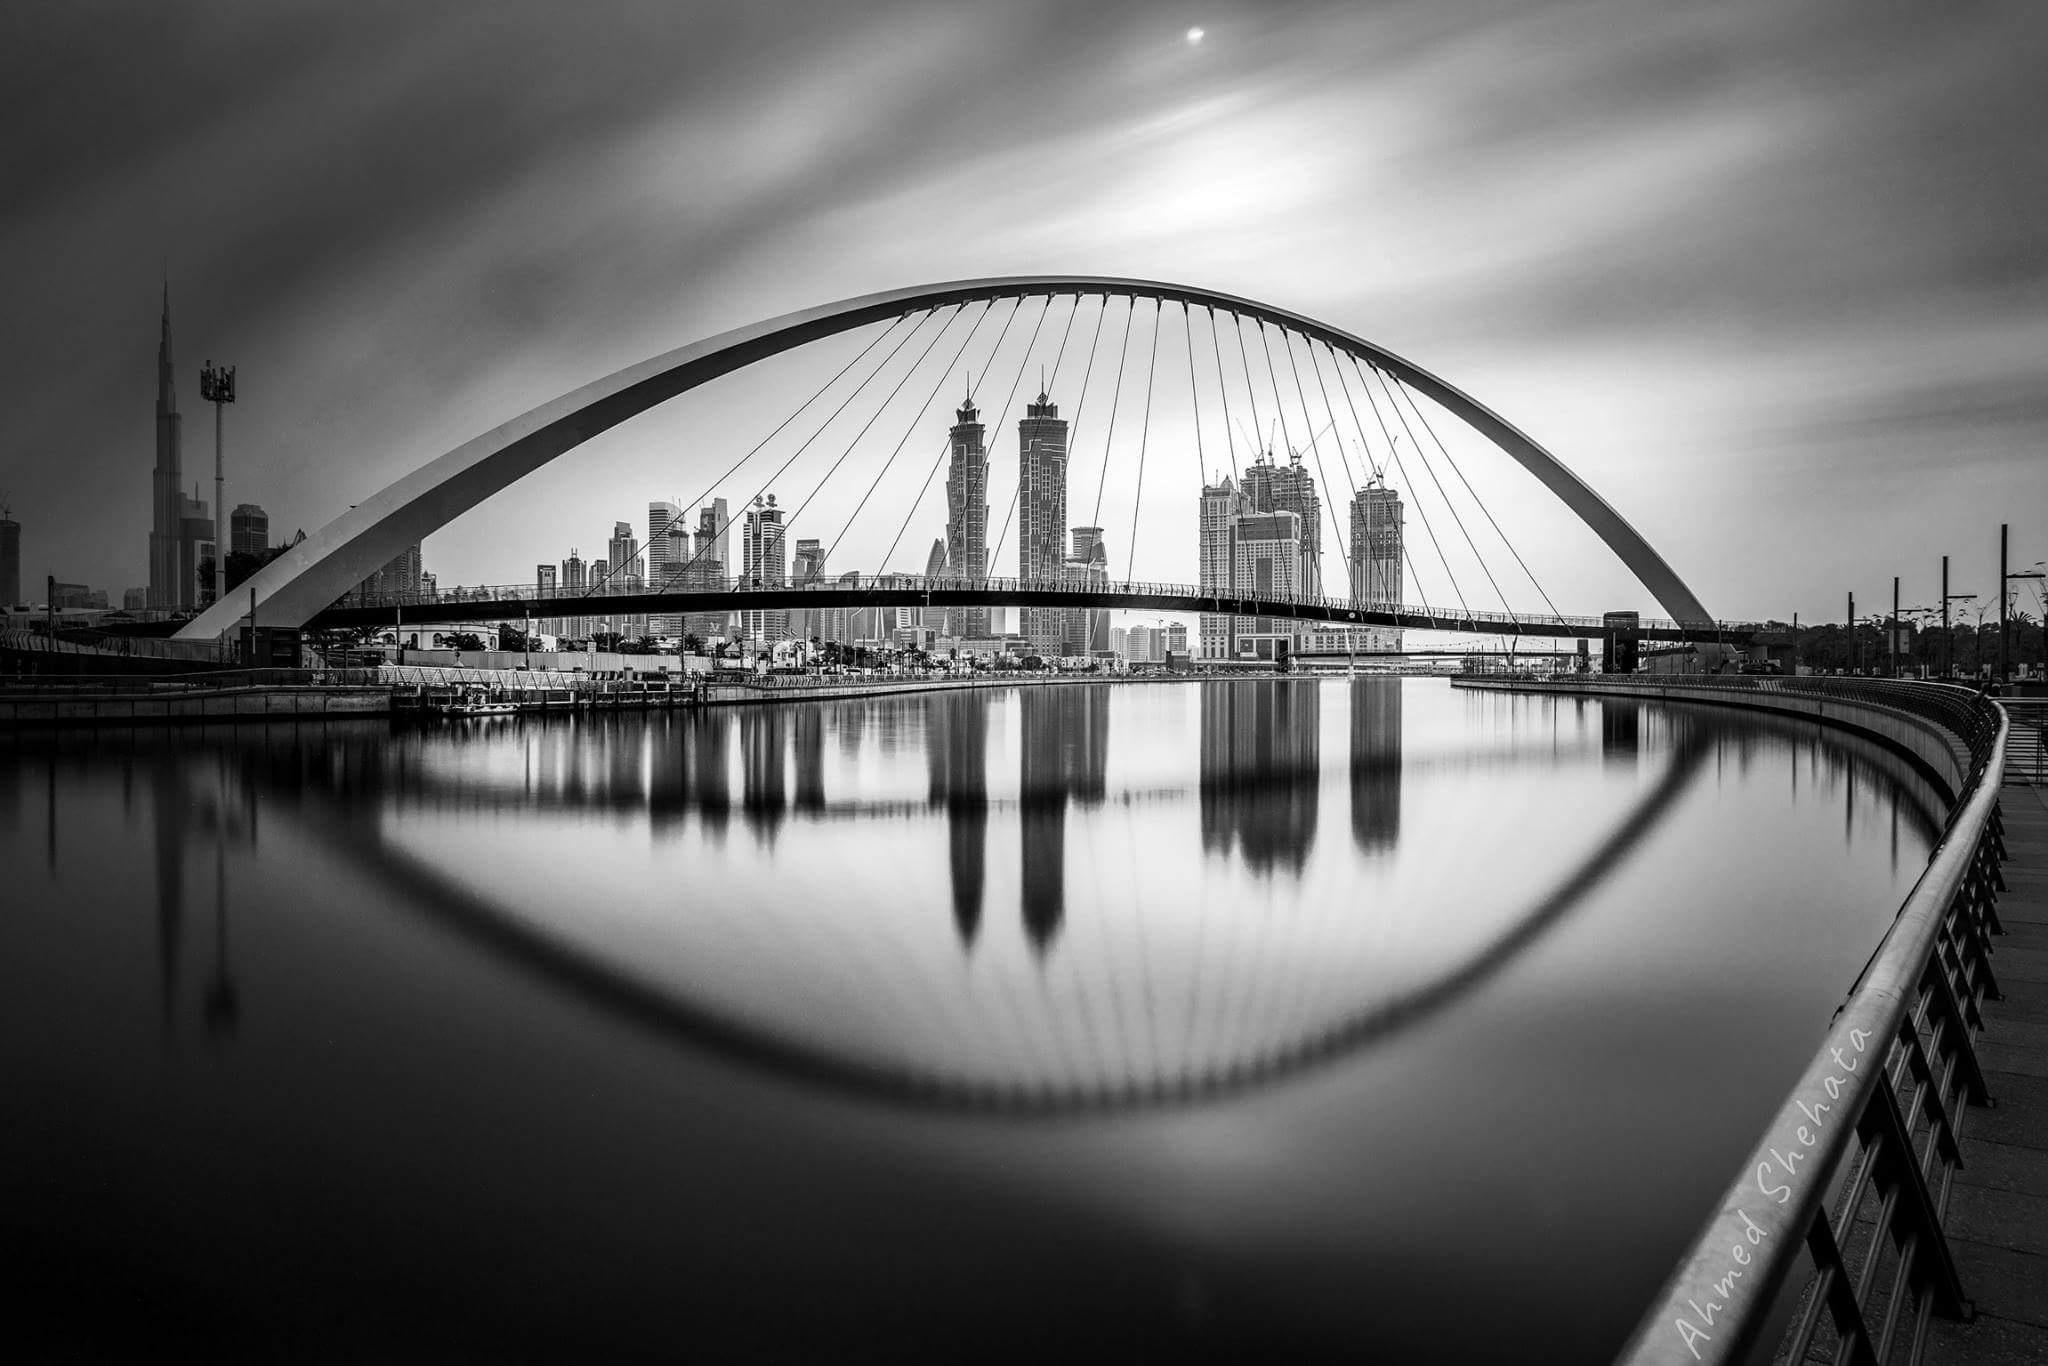 Dubai canal  by AhmedShehata